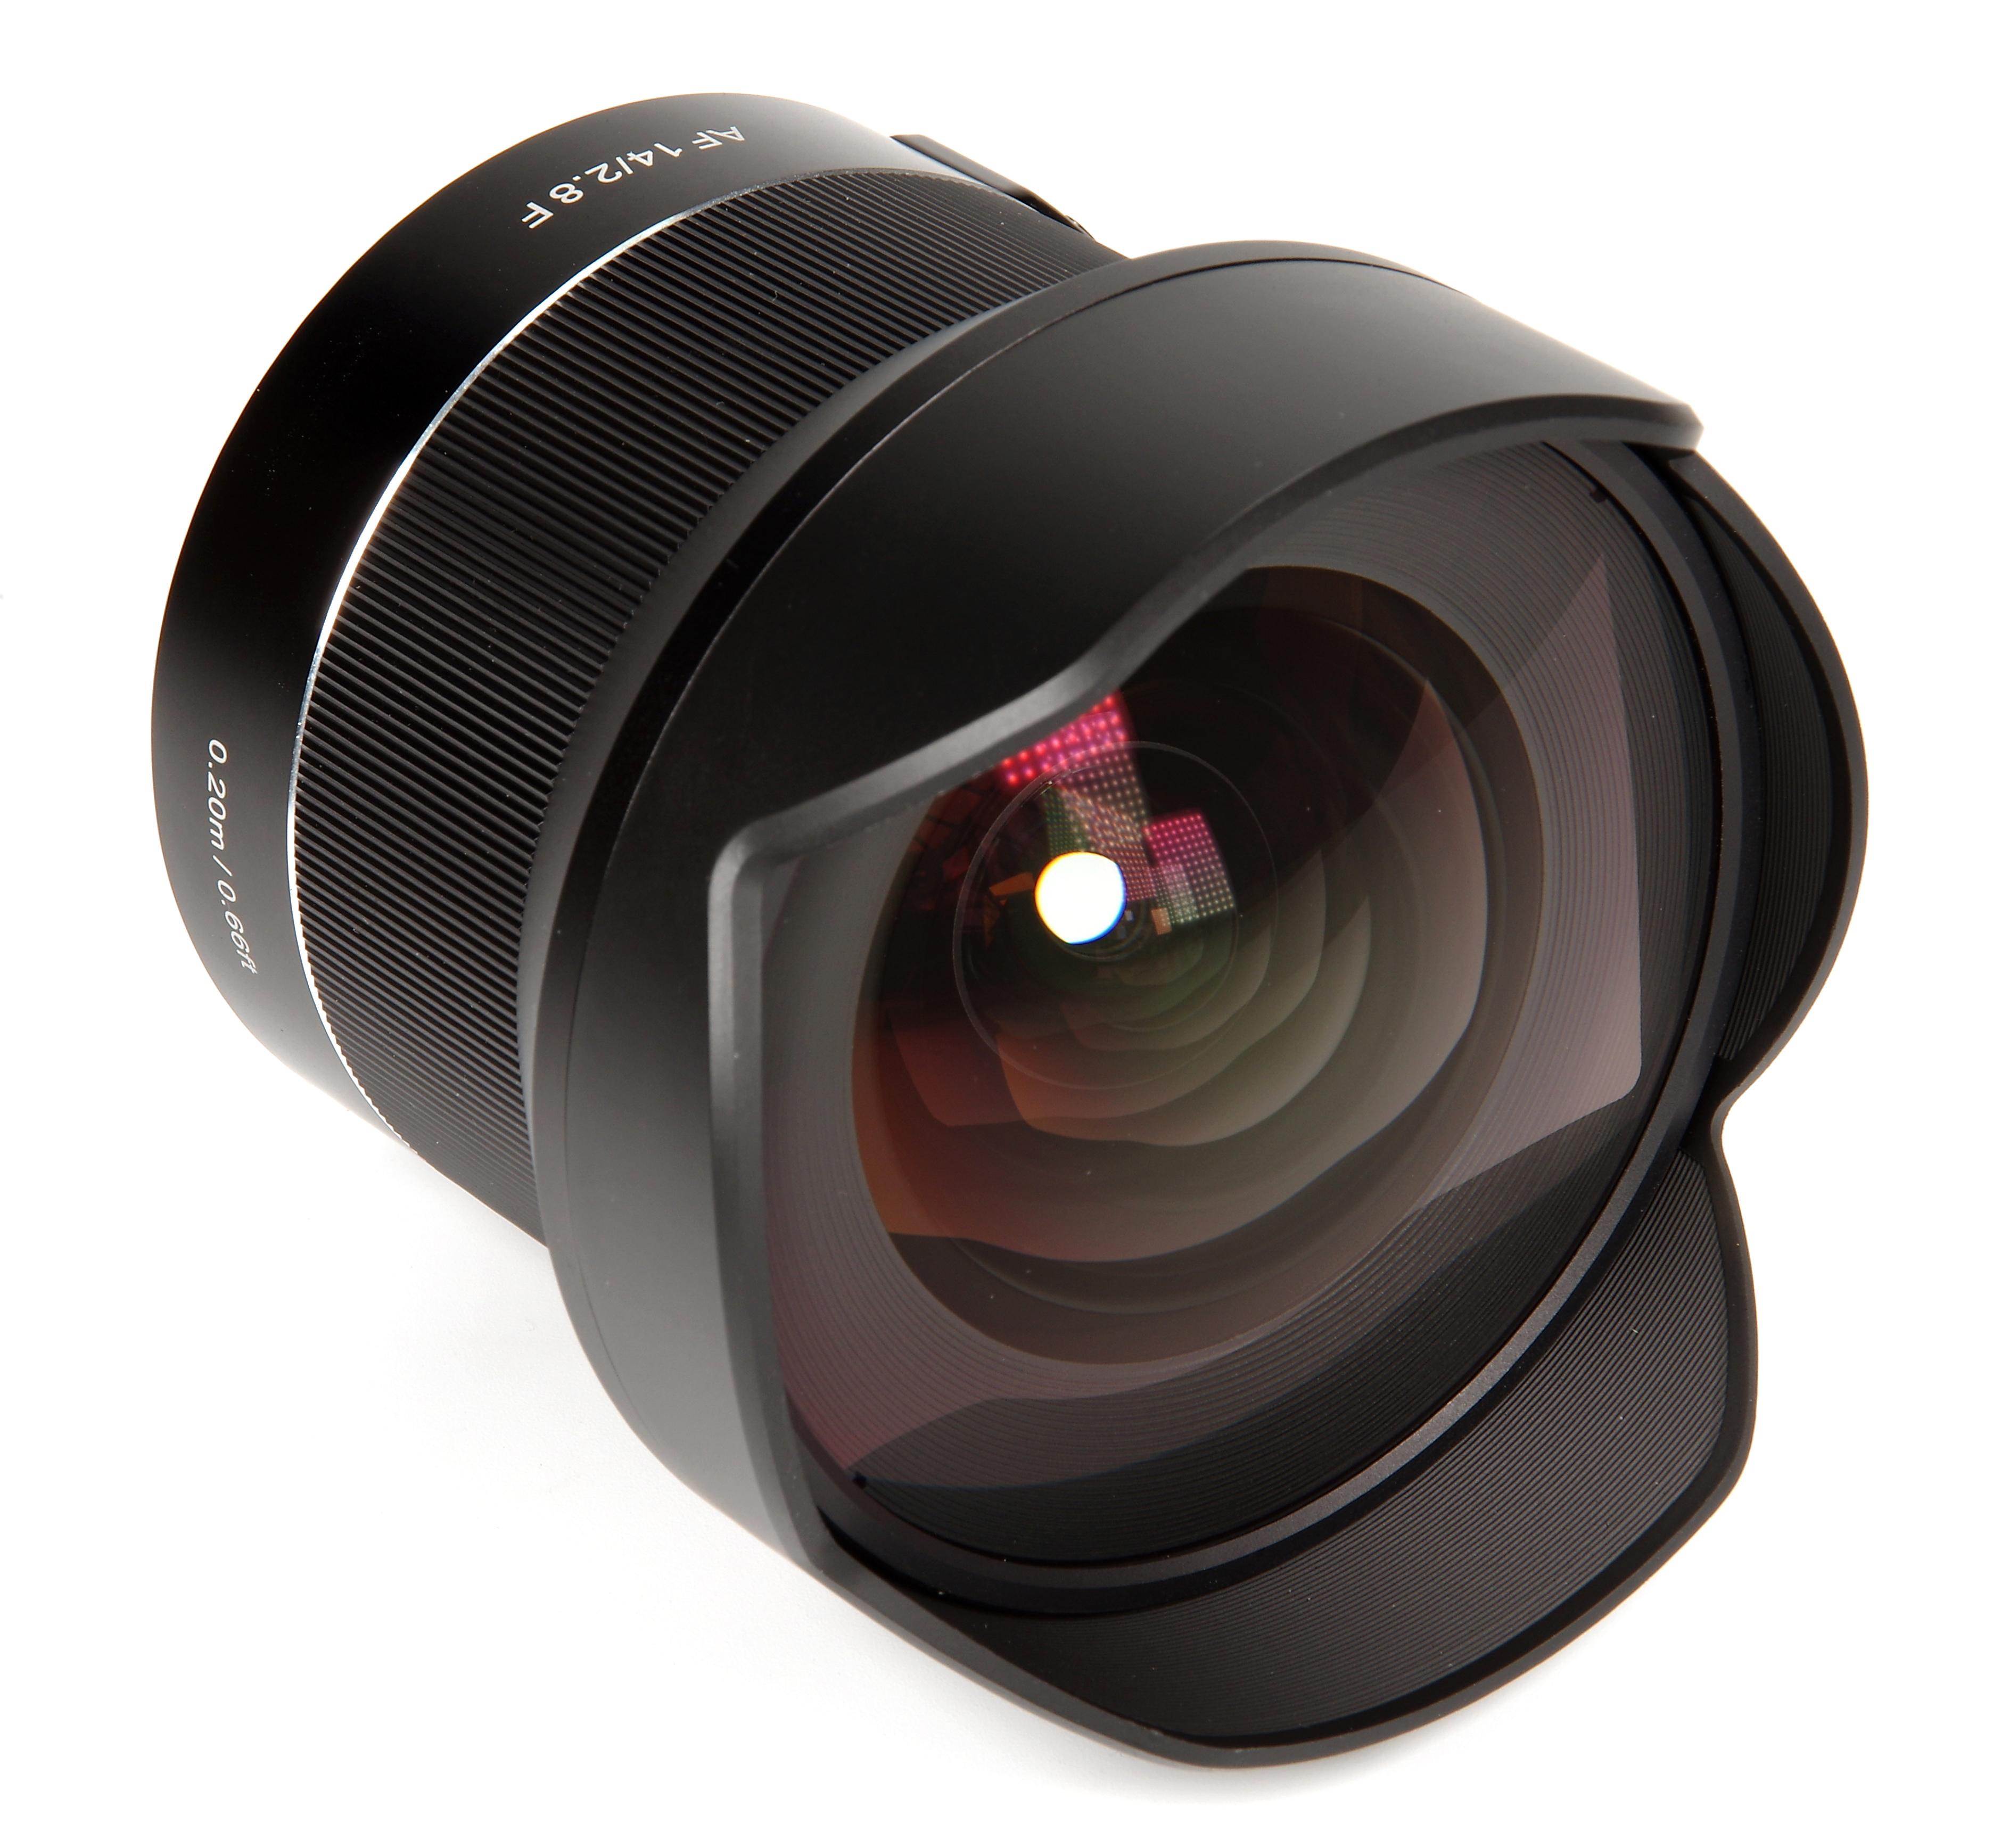 Samyang AF 14mm f/2 8 F Lens Review | ePHOTOzine